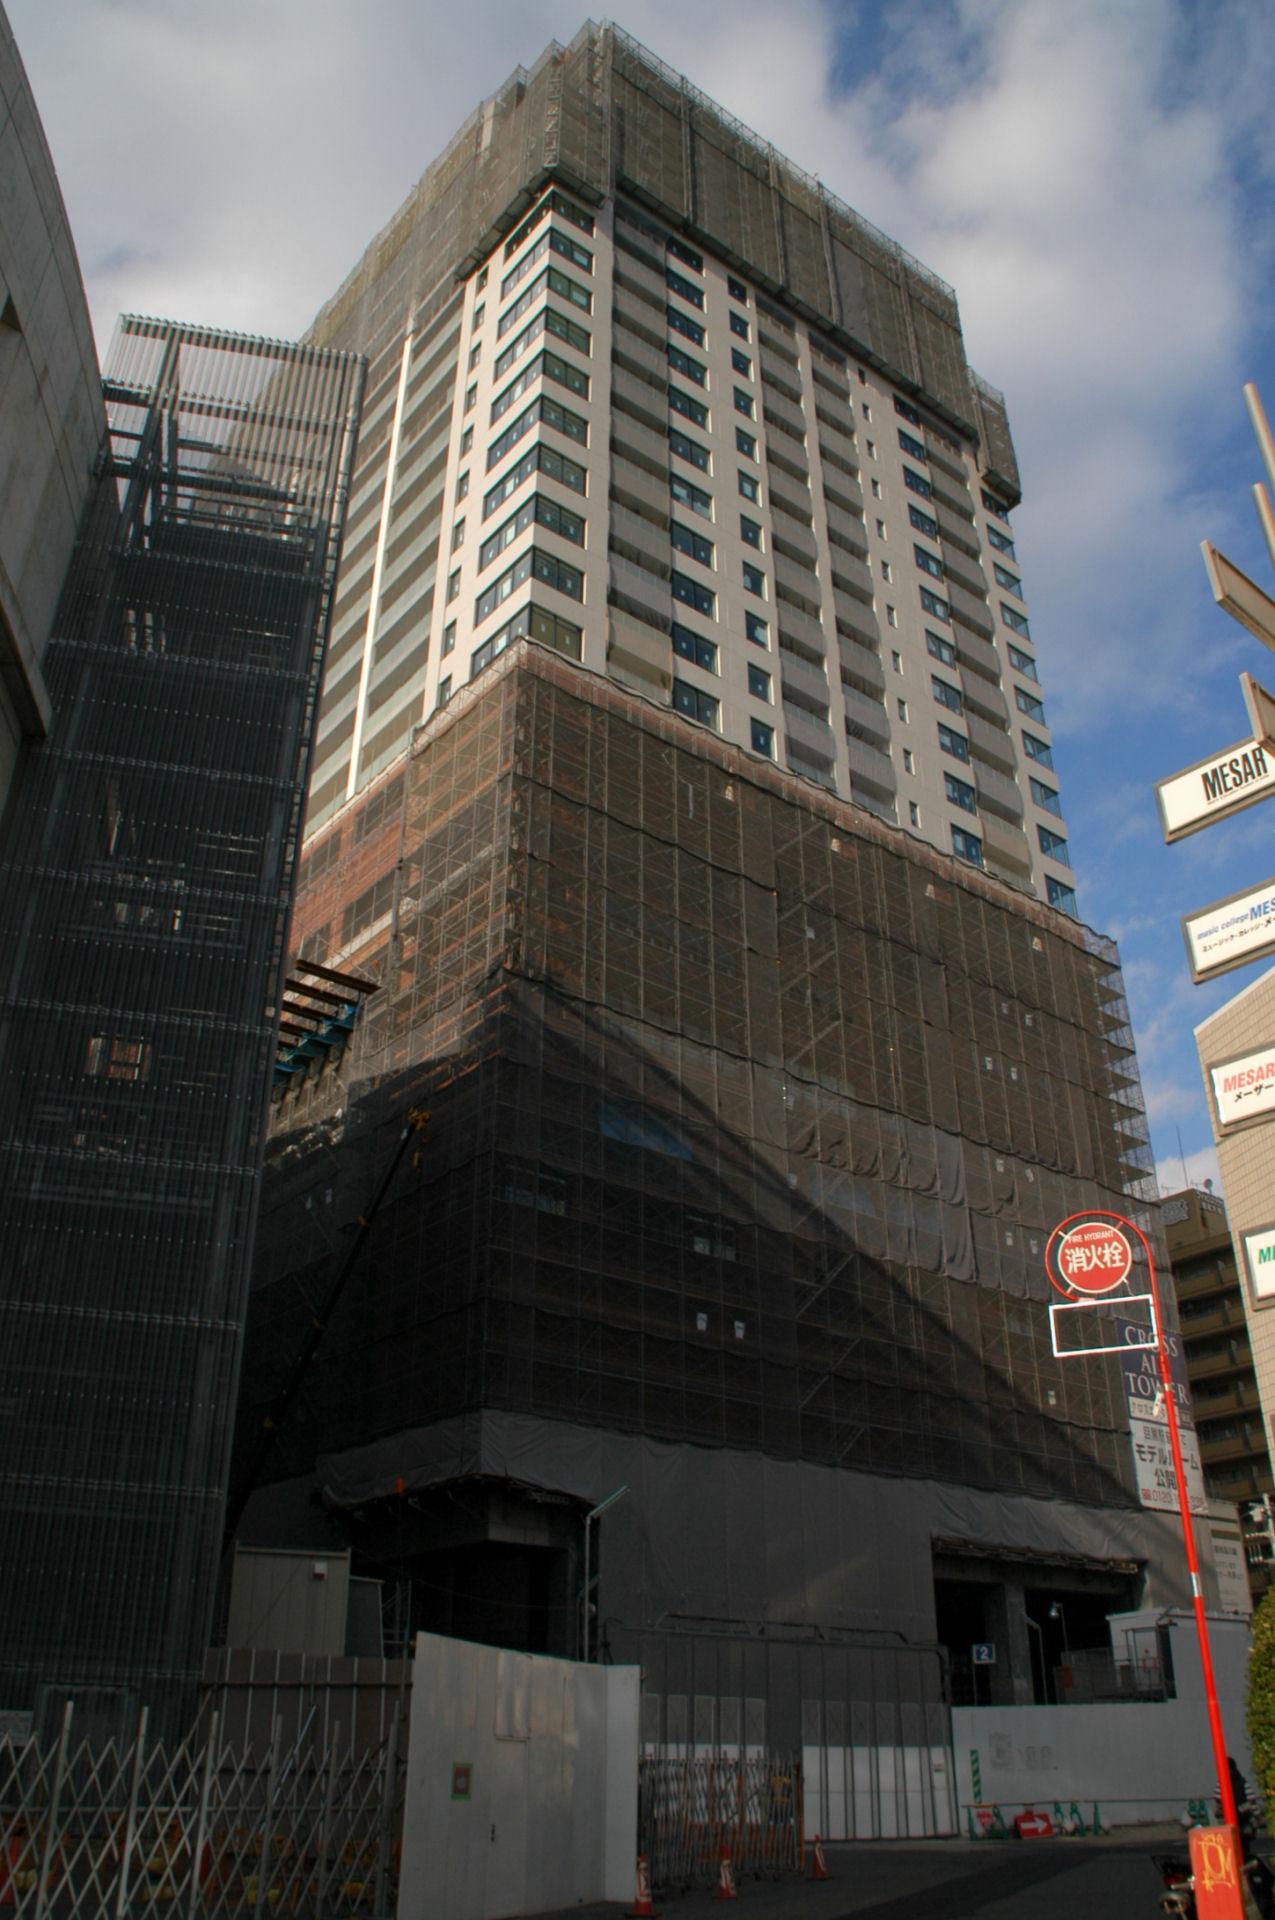 crossairtower0123.jpg